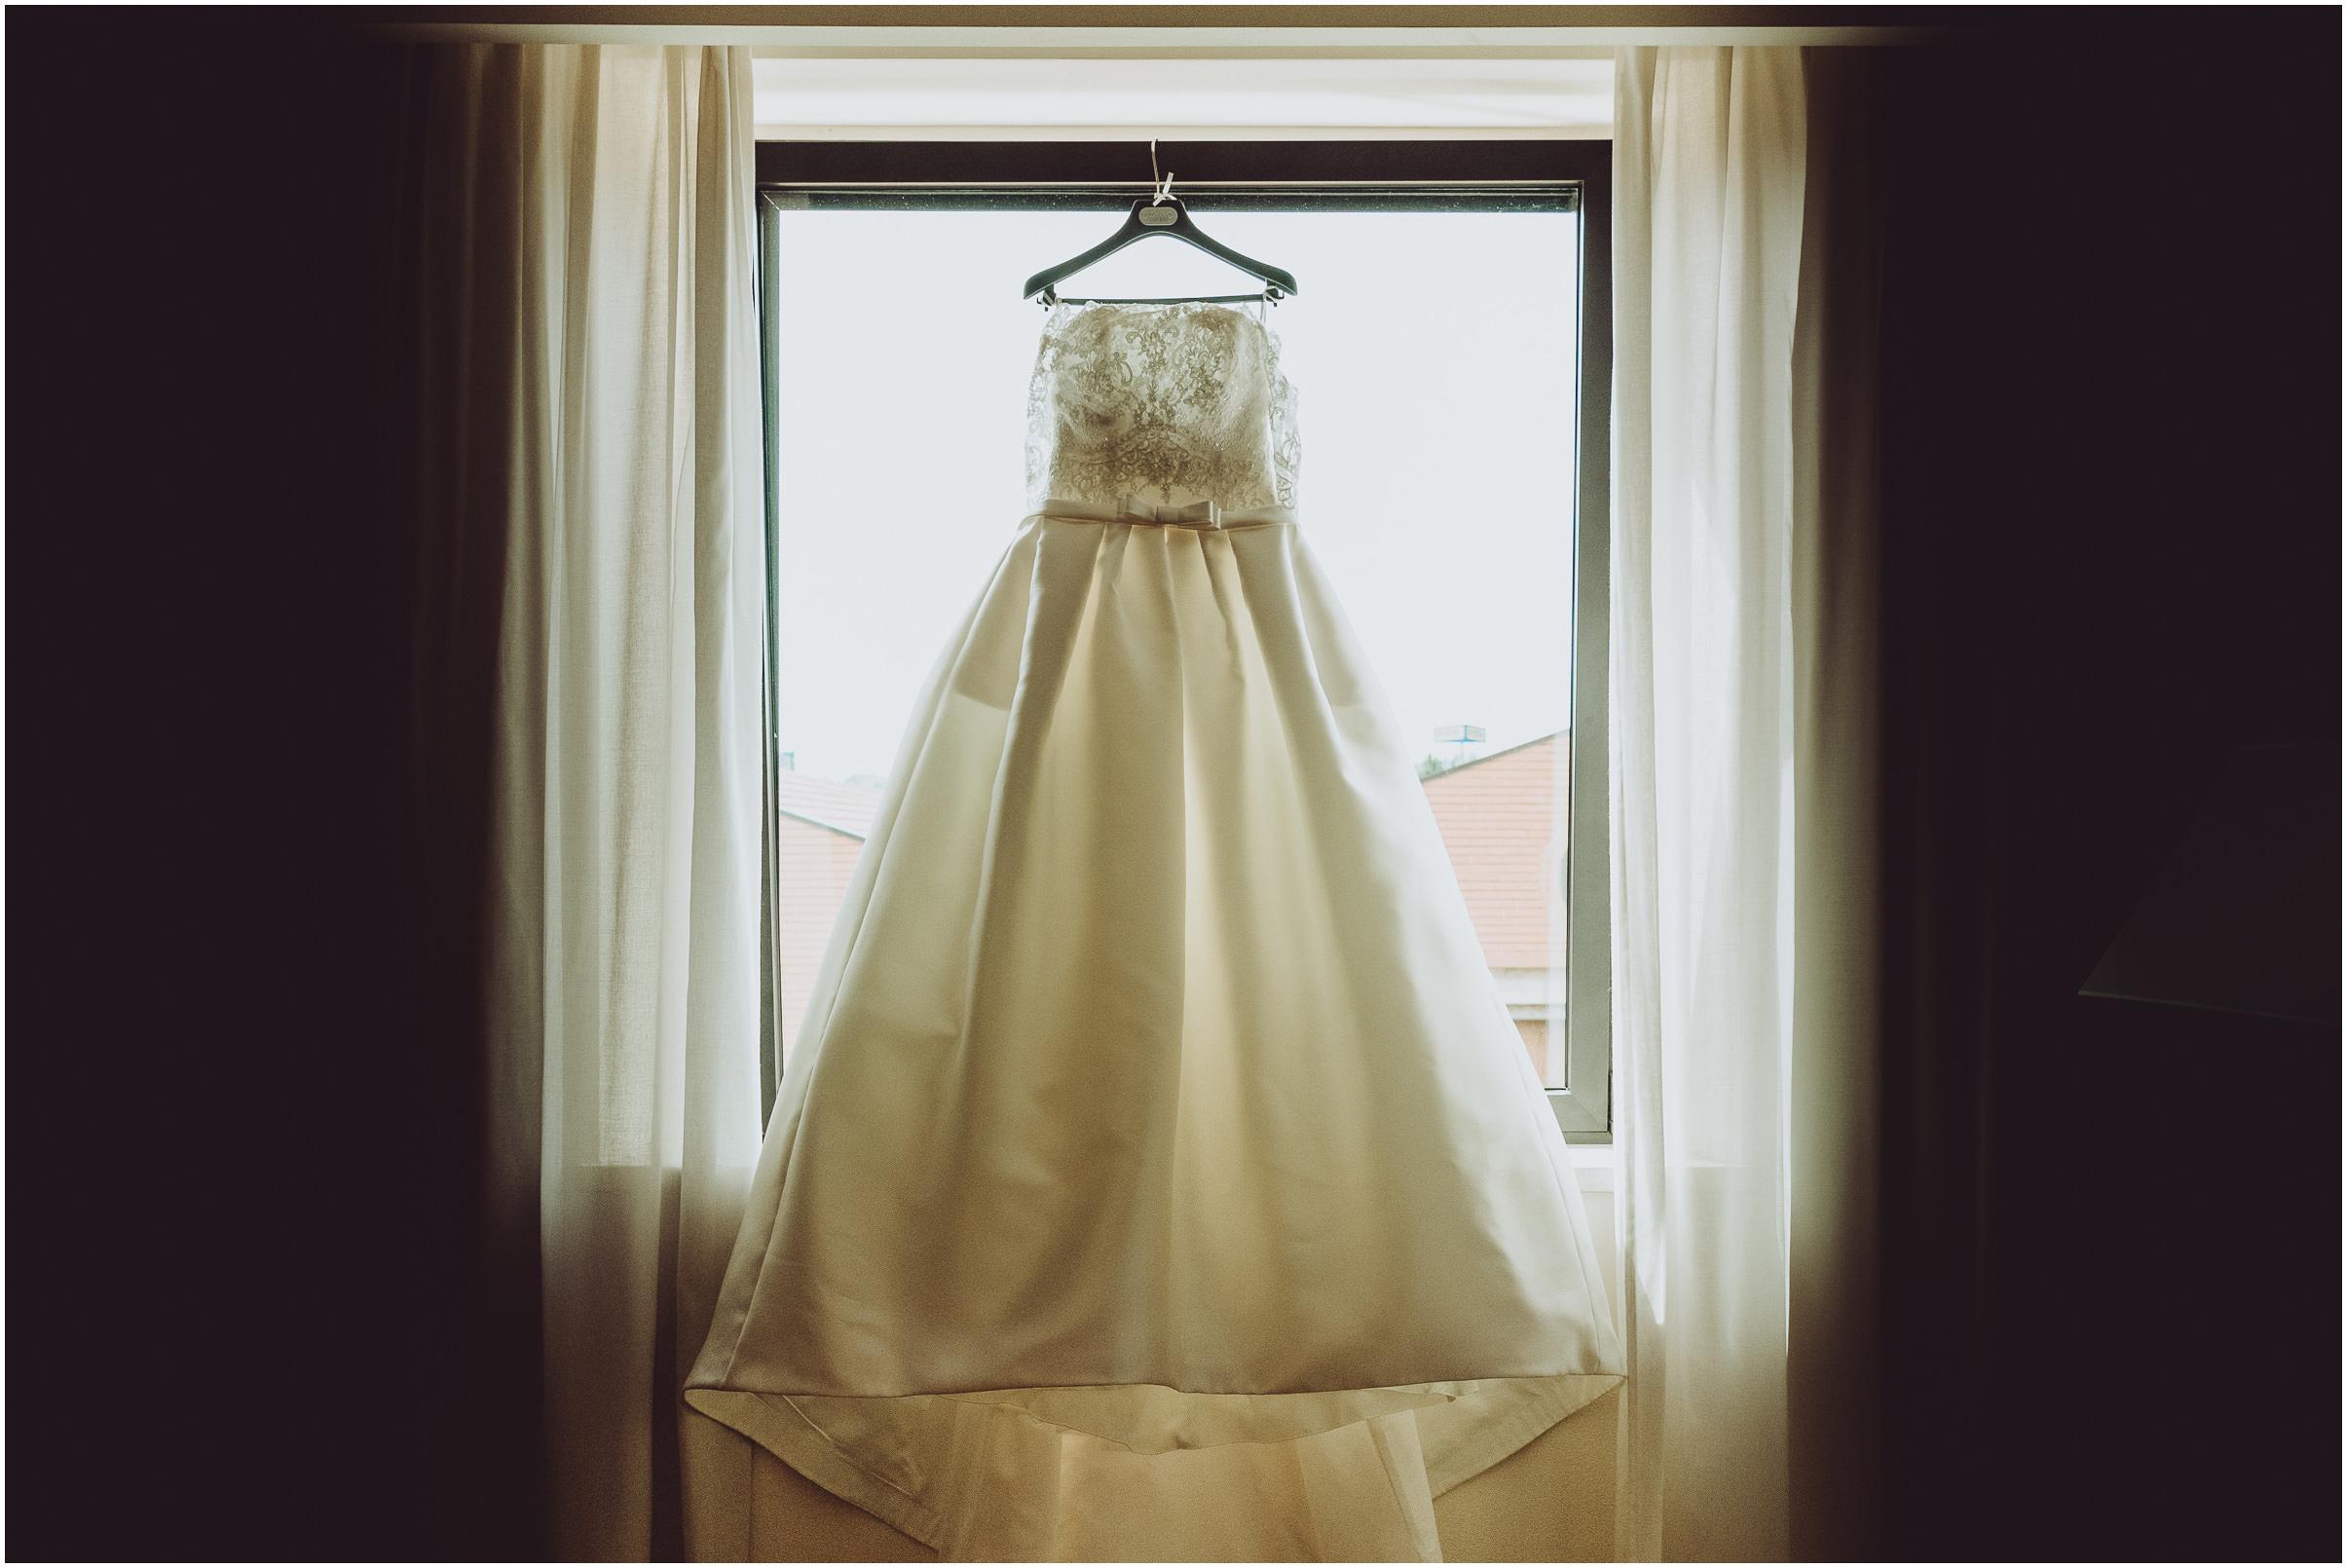 WEDDING-PHOTOGRAPHY-SARA-LORENZONI-FOTOGRAFIA-MATRIMONIO-AREZZO-TUSCANY-EVENTO-LE-SPOSE-DI-GIANNI-ELISA-LUCA006